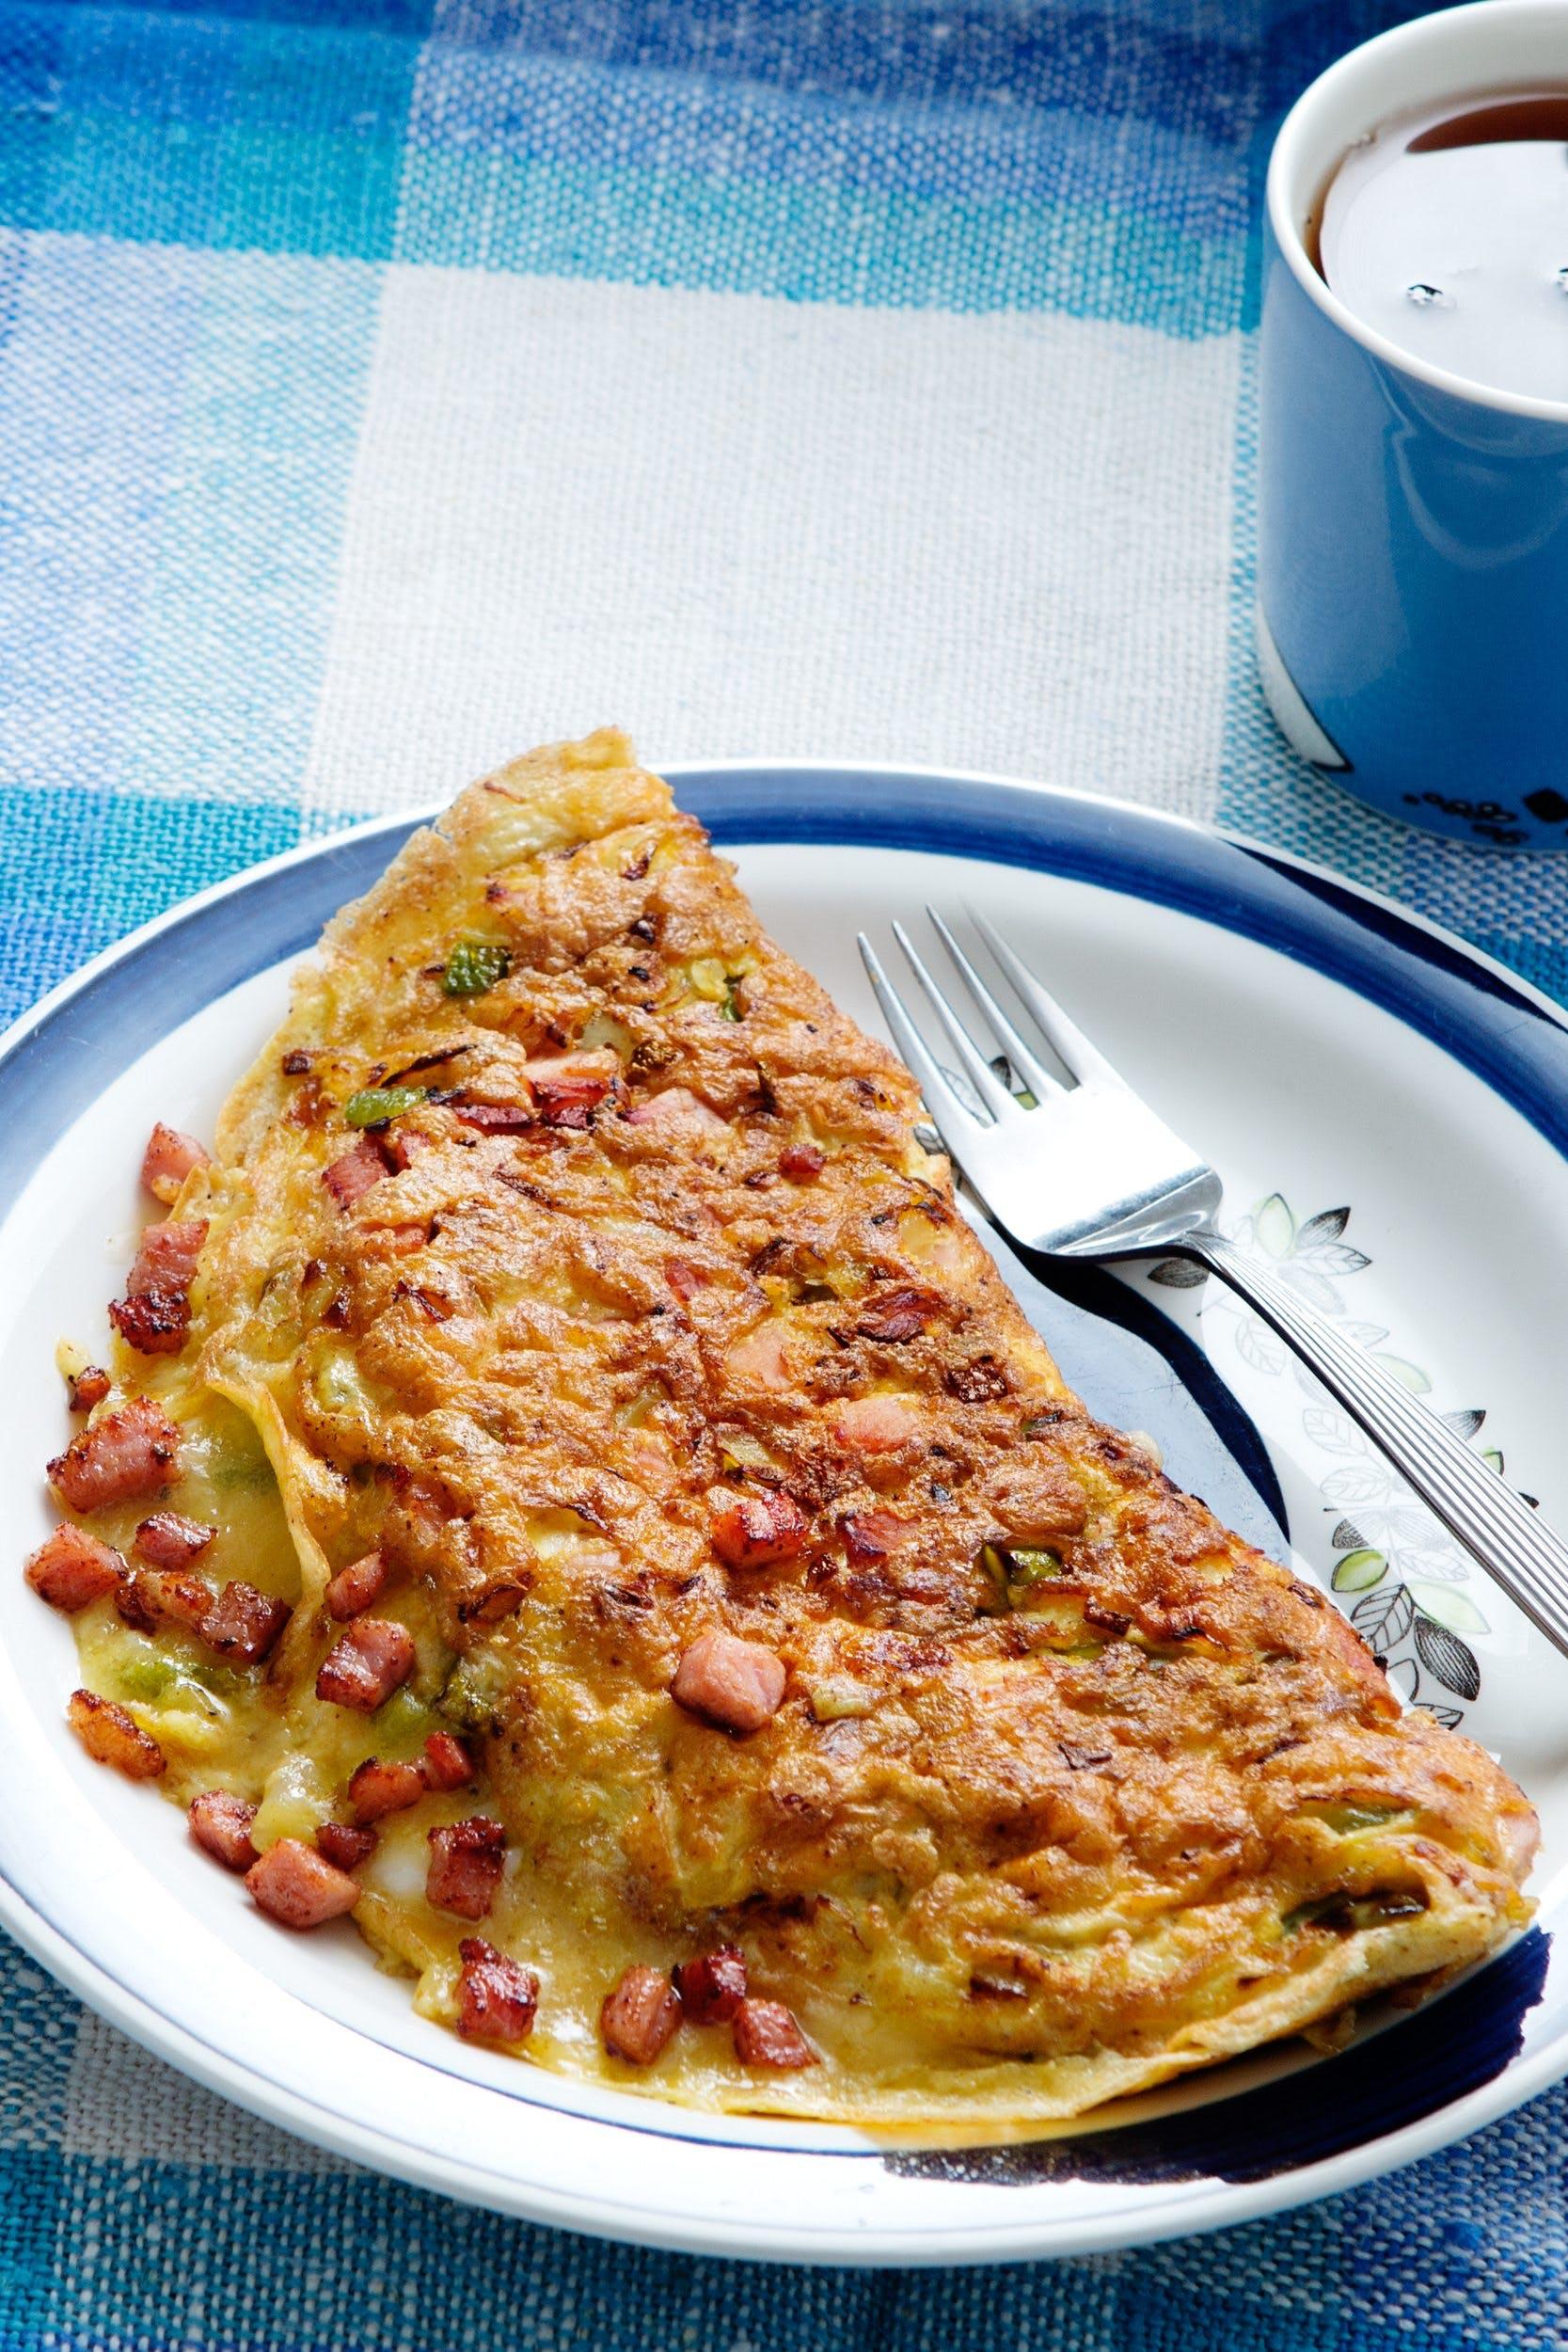 Western omelet<br />(Breakfast)